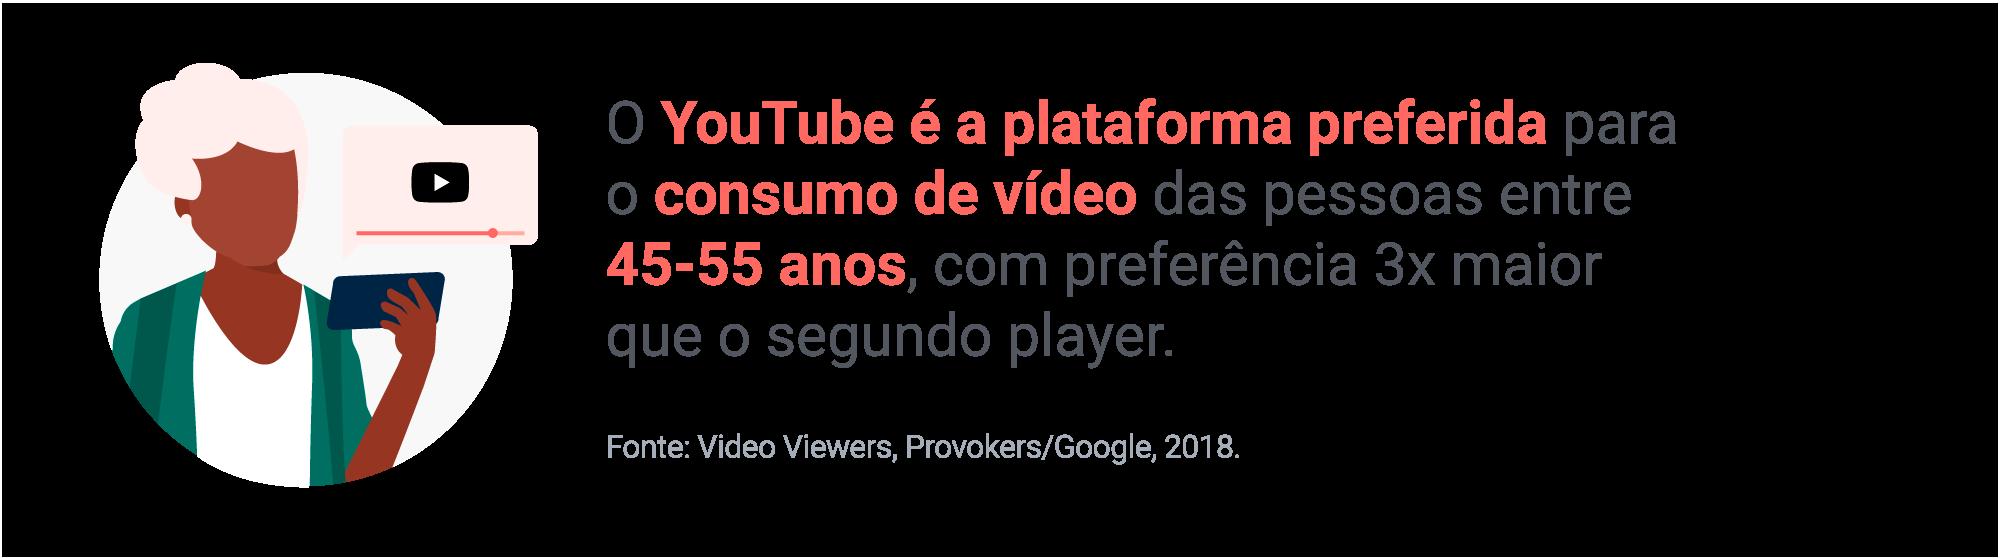 O YouTube é a plataforma preferida para o consumo de vídeo das pessoas entre 45-55 anos, com preferência 3x maior que o segundo player. Fonte: Video Viewers, Provokers/Google, 2018.